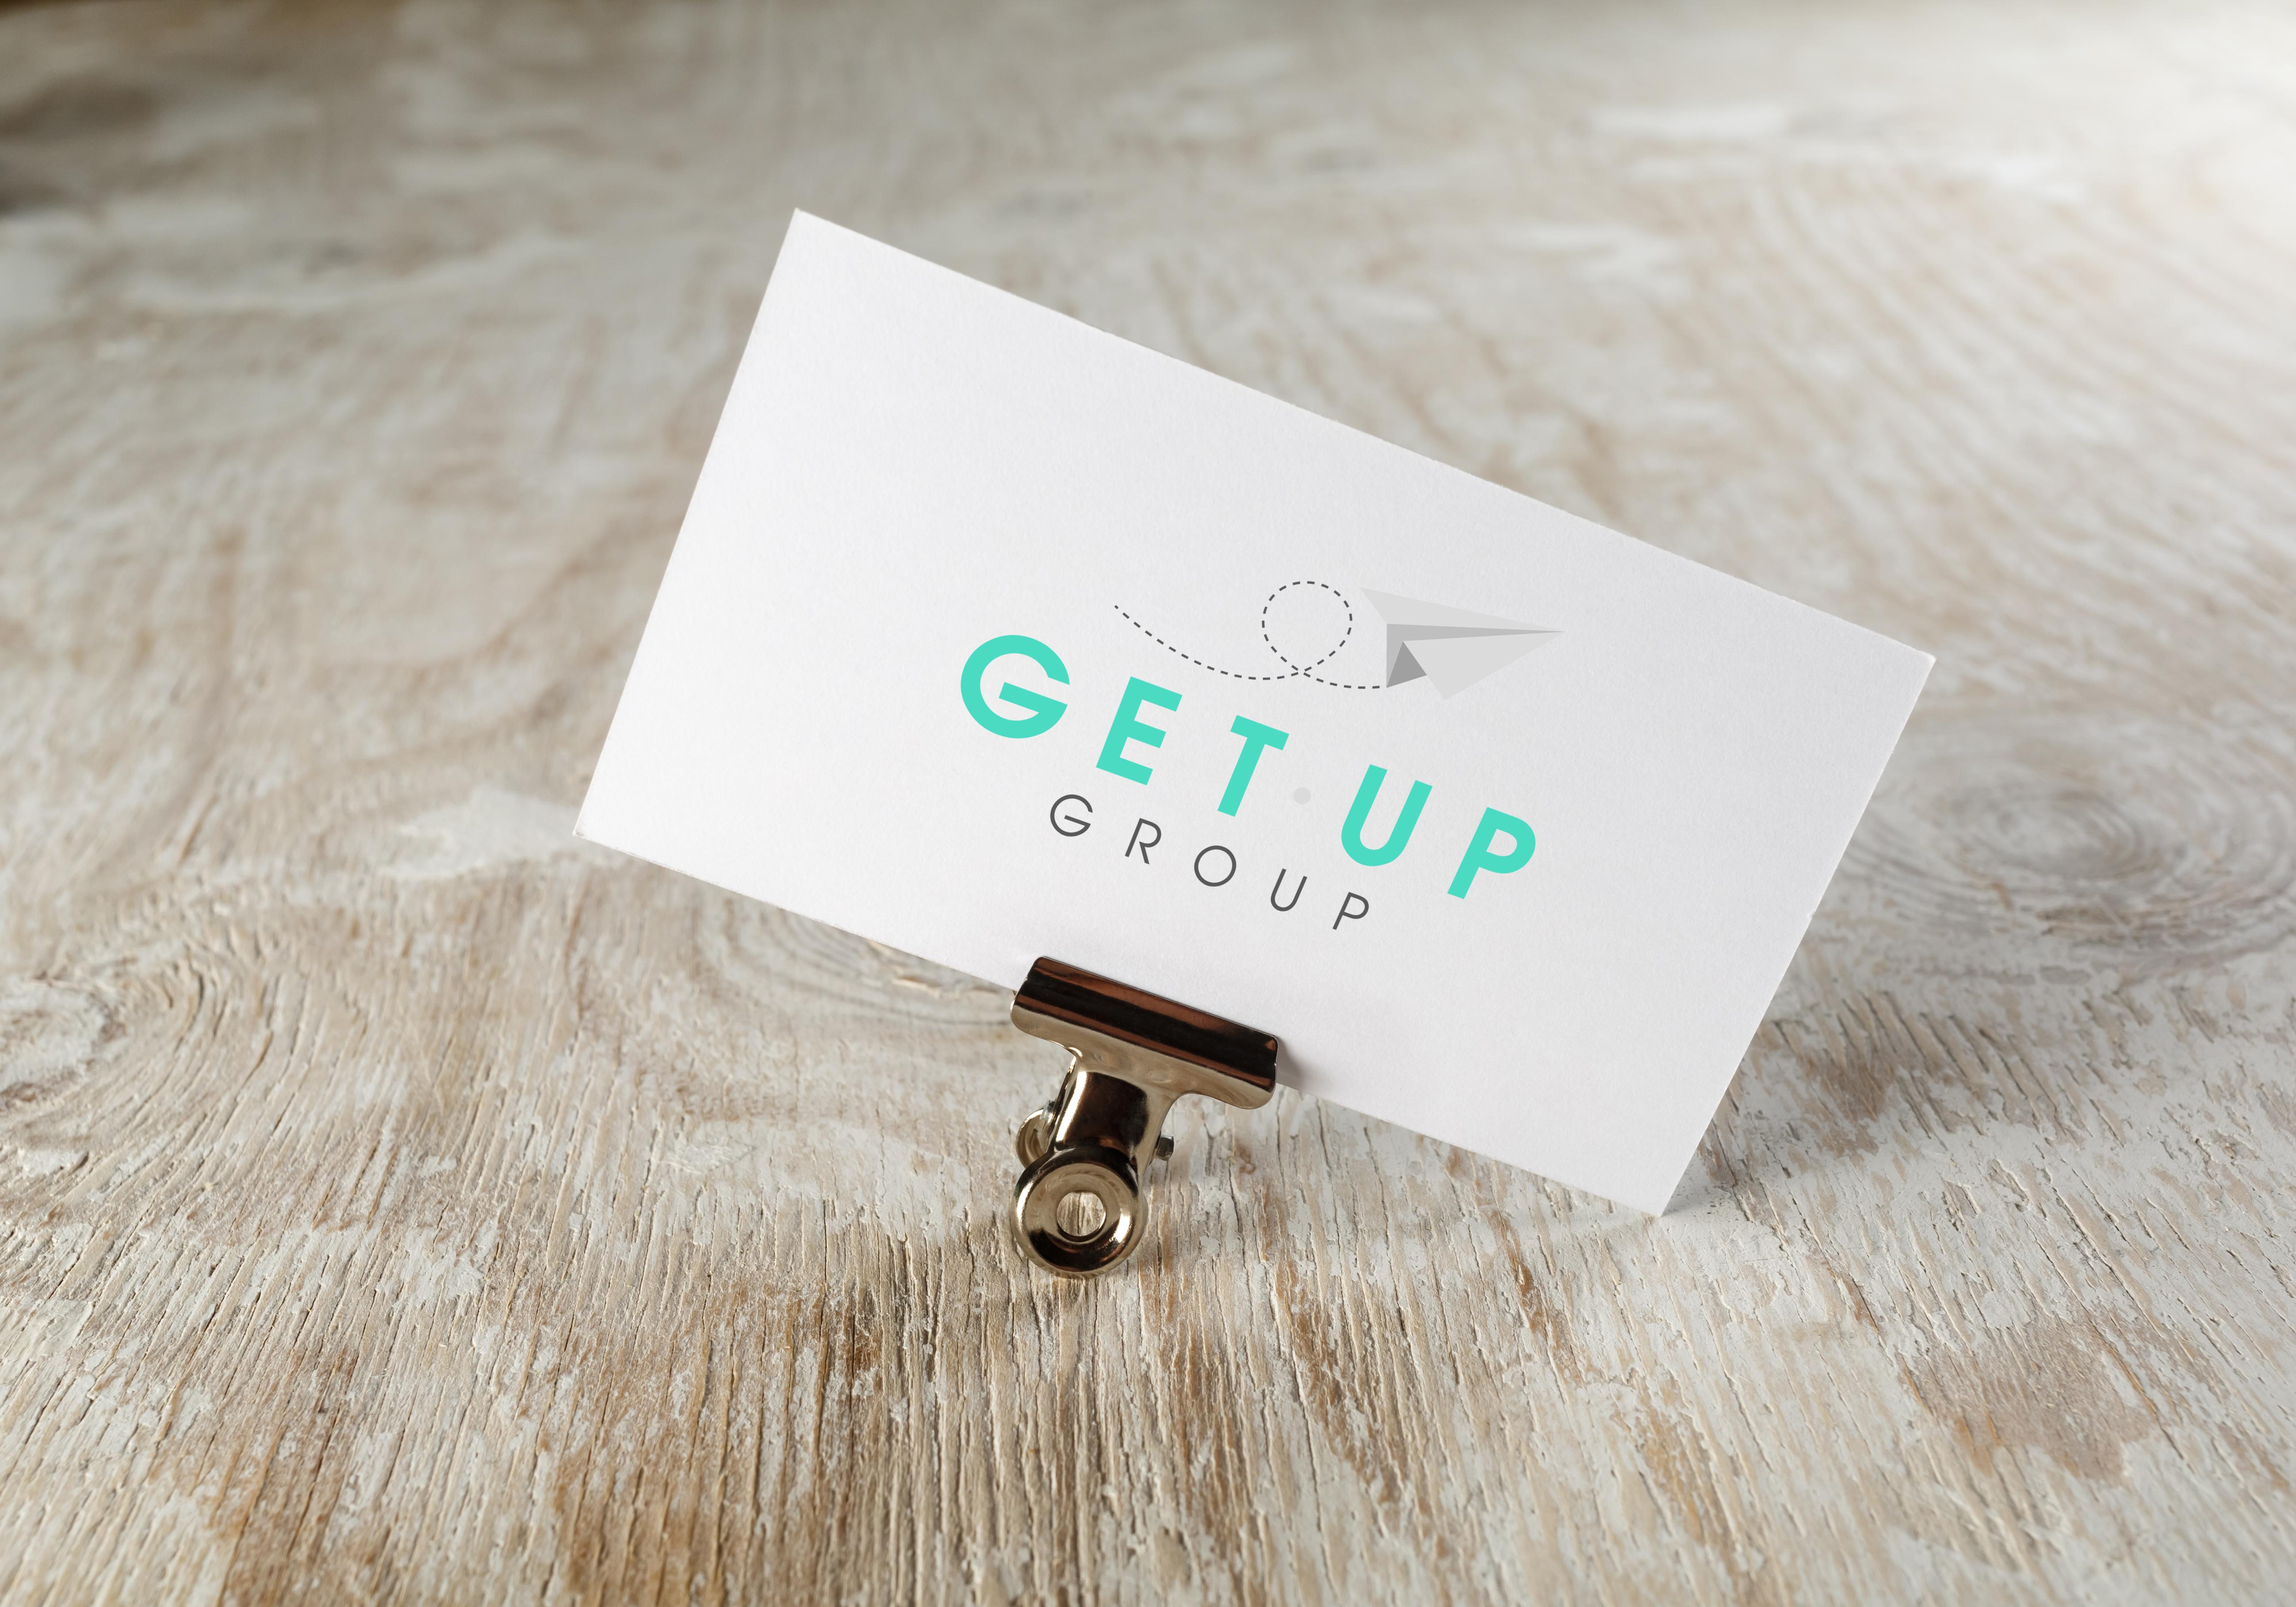 GetUp / logo